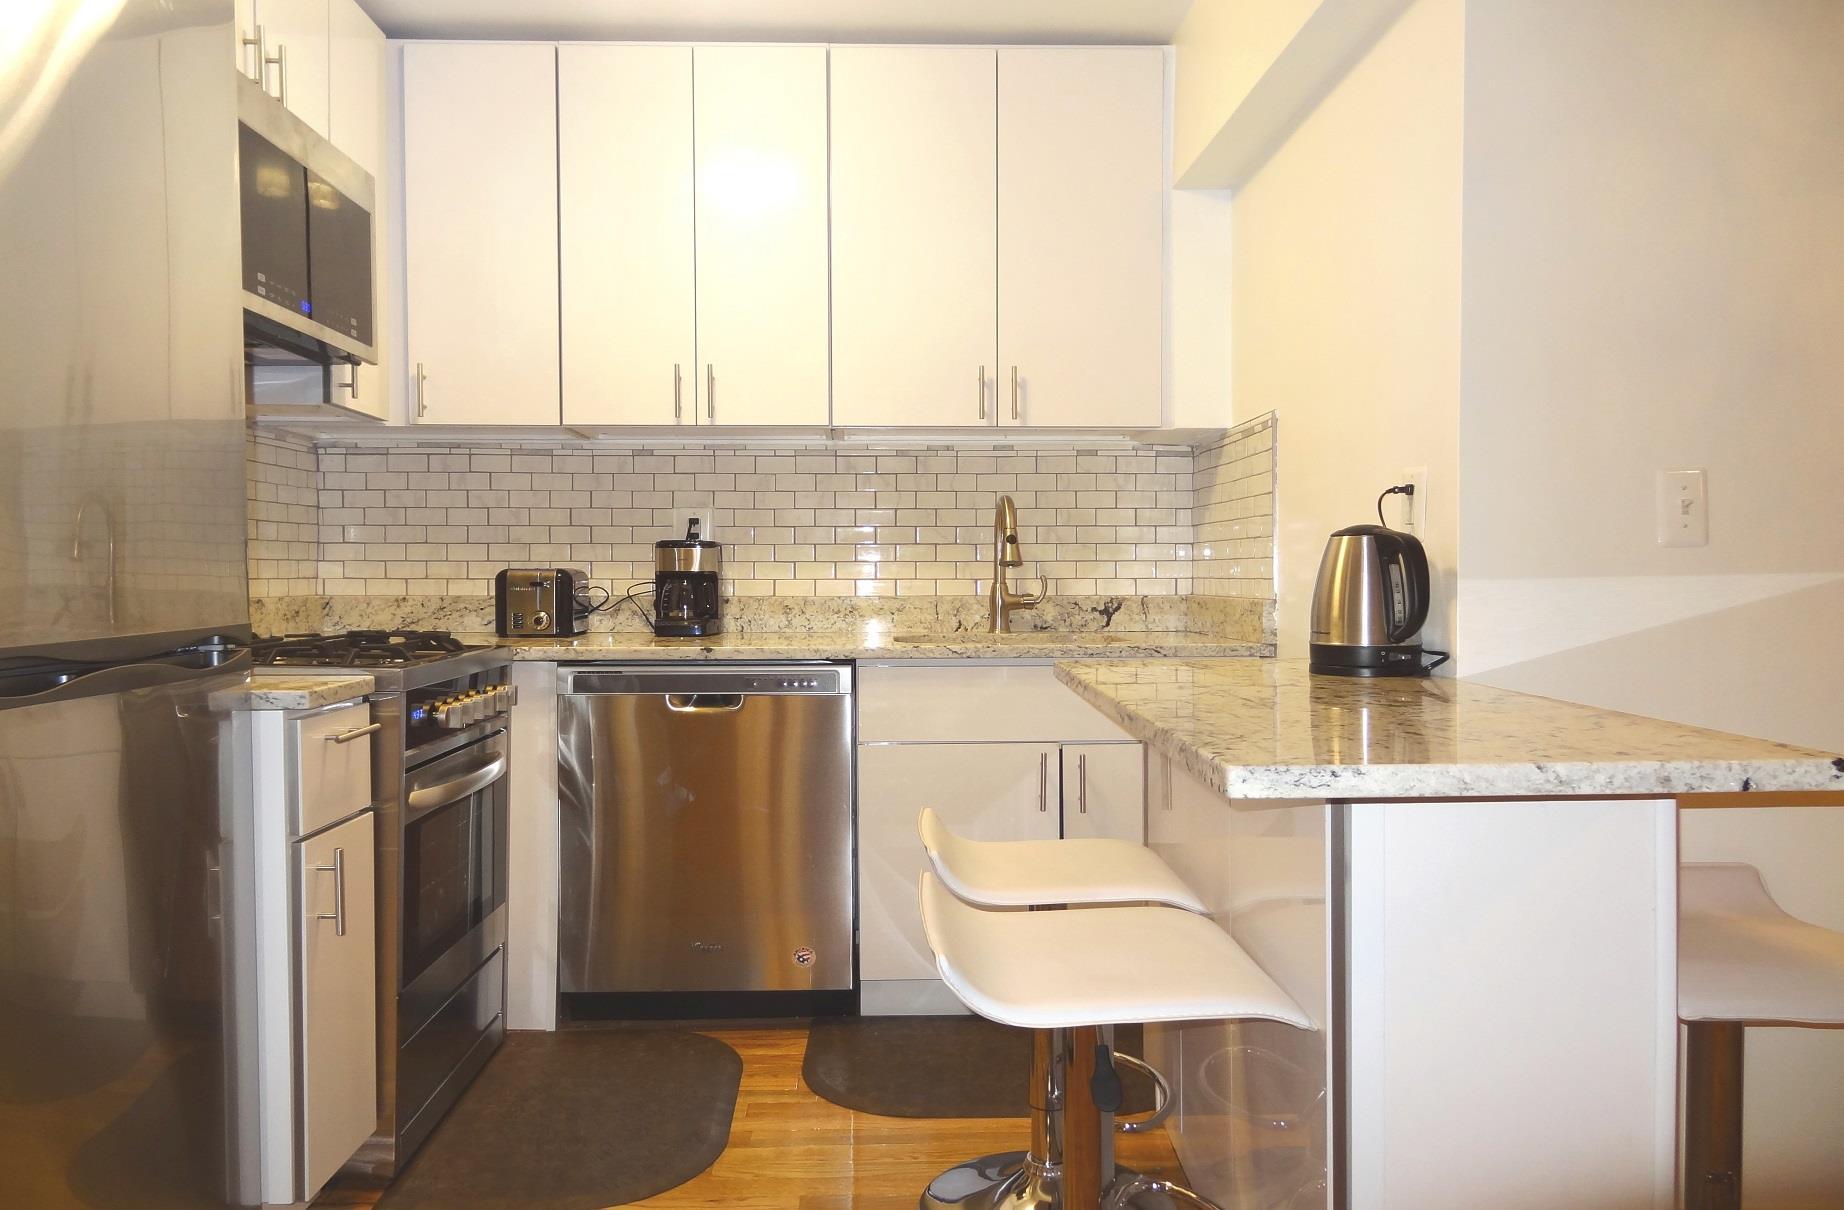 200 East 28th Street Kips Bay New York NY 10016